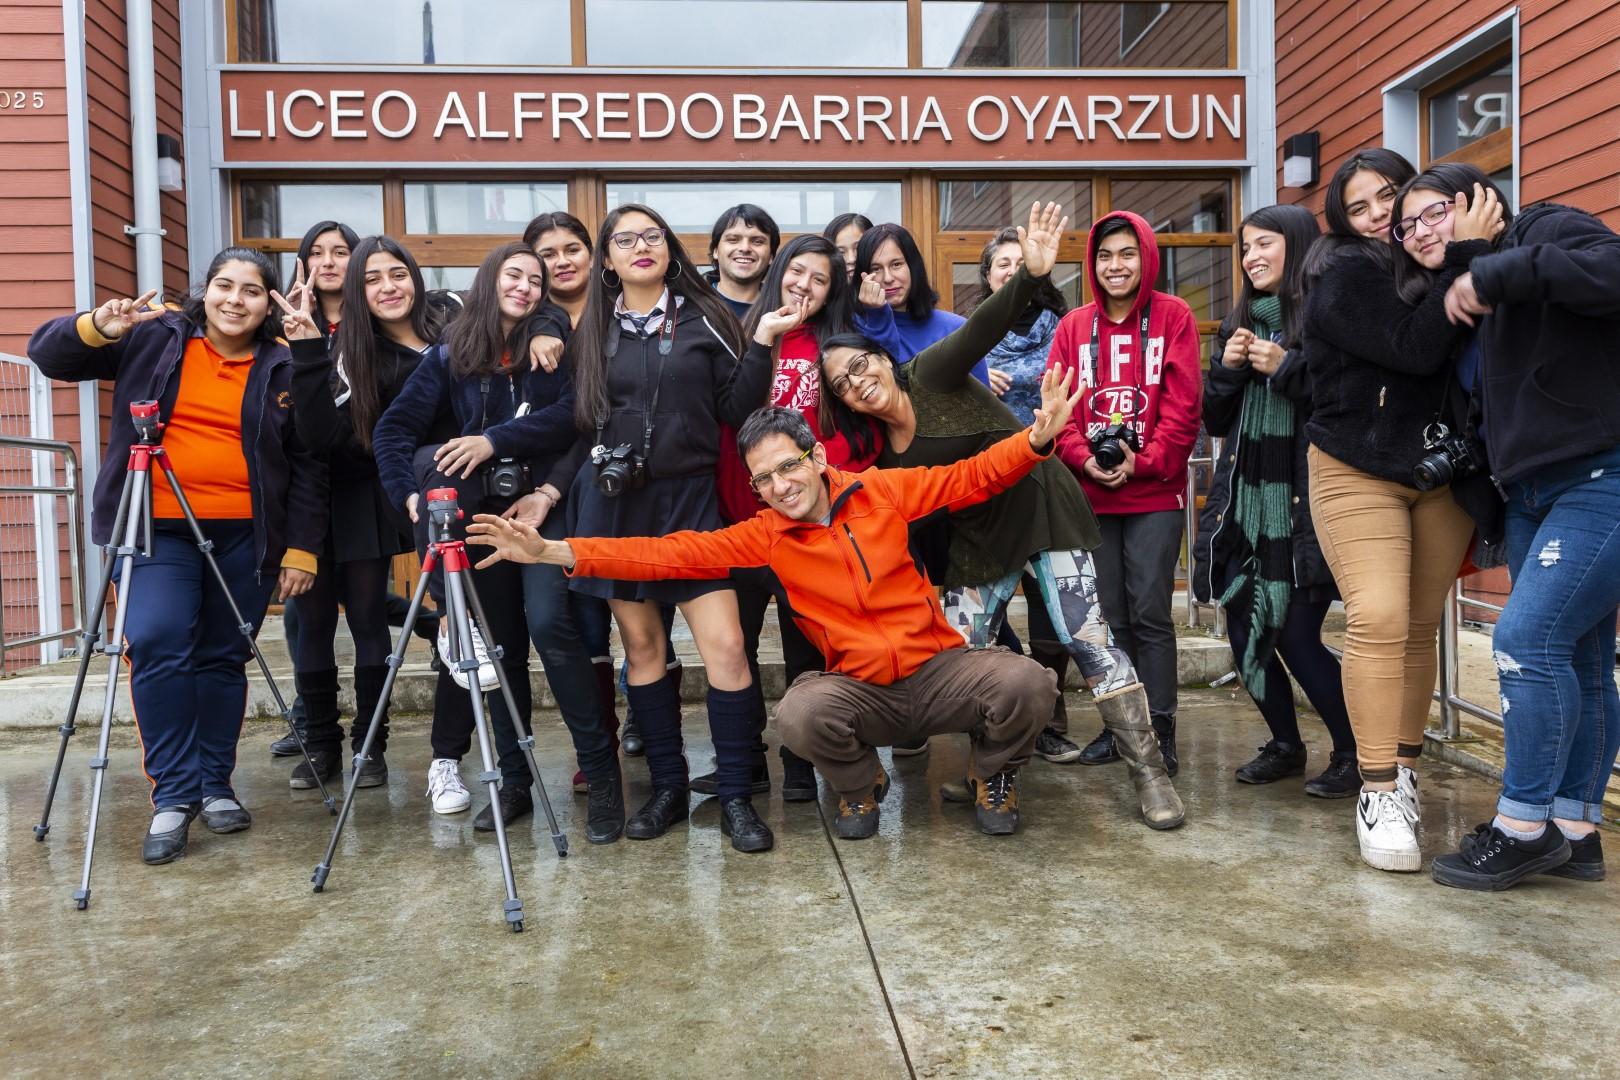 ESTUDIANTES DE NUESTRO LICEO APRENDEN TÉCNICAS DE FOTOGRAFÍA.